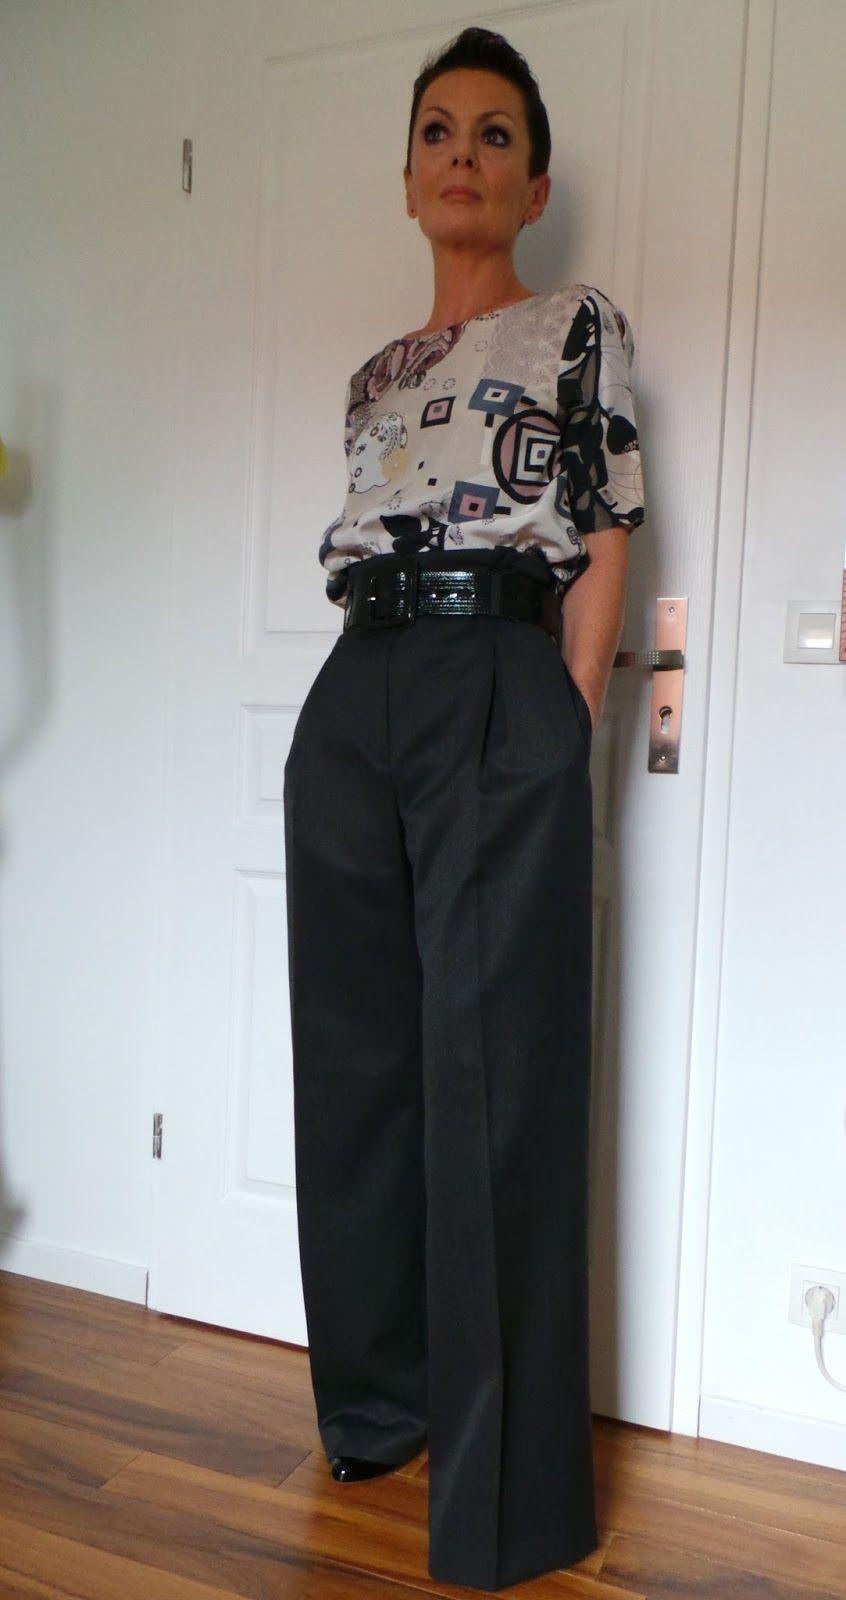 Moduxe | Clothes, Fashion, Pantsuit destiné Moduxe